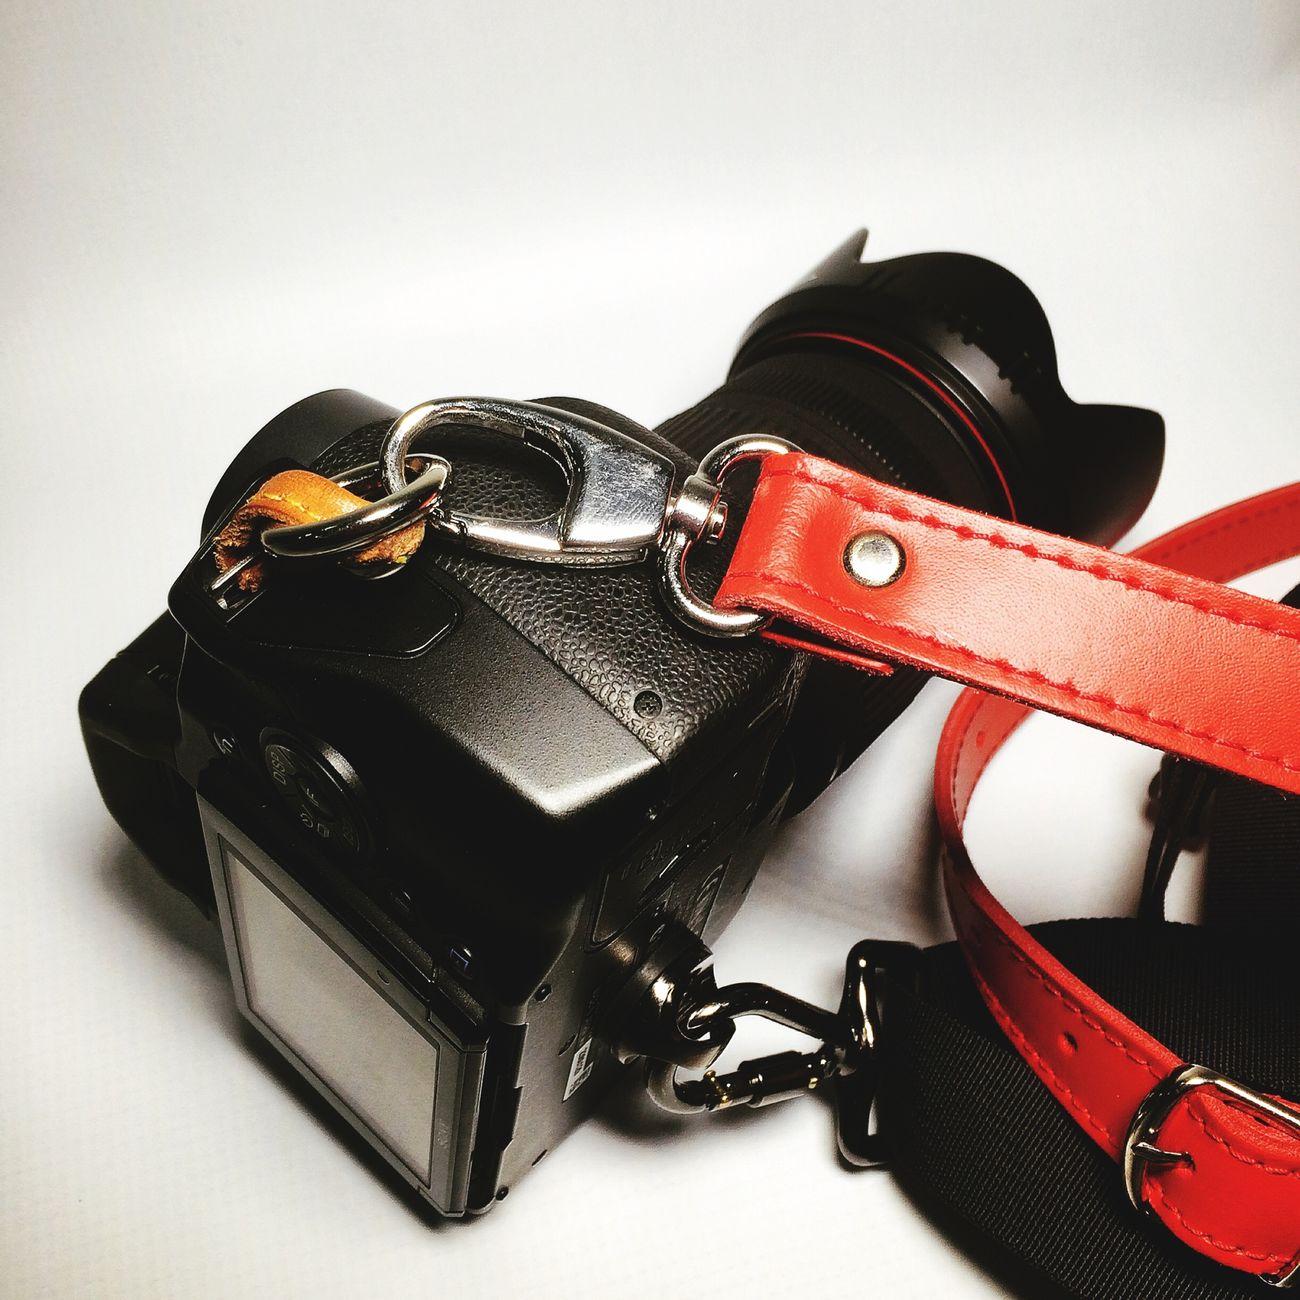 Elige la manera de llevar tu #cámara #camera #longstrap #nanodelarosa #review #nosvemosenlastiendas . Elige la opción que más se ajusta a tus necesidades #leather ? #whynot . Llévatela al mejor precio Longstrap Camera